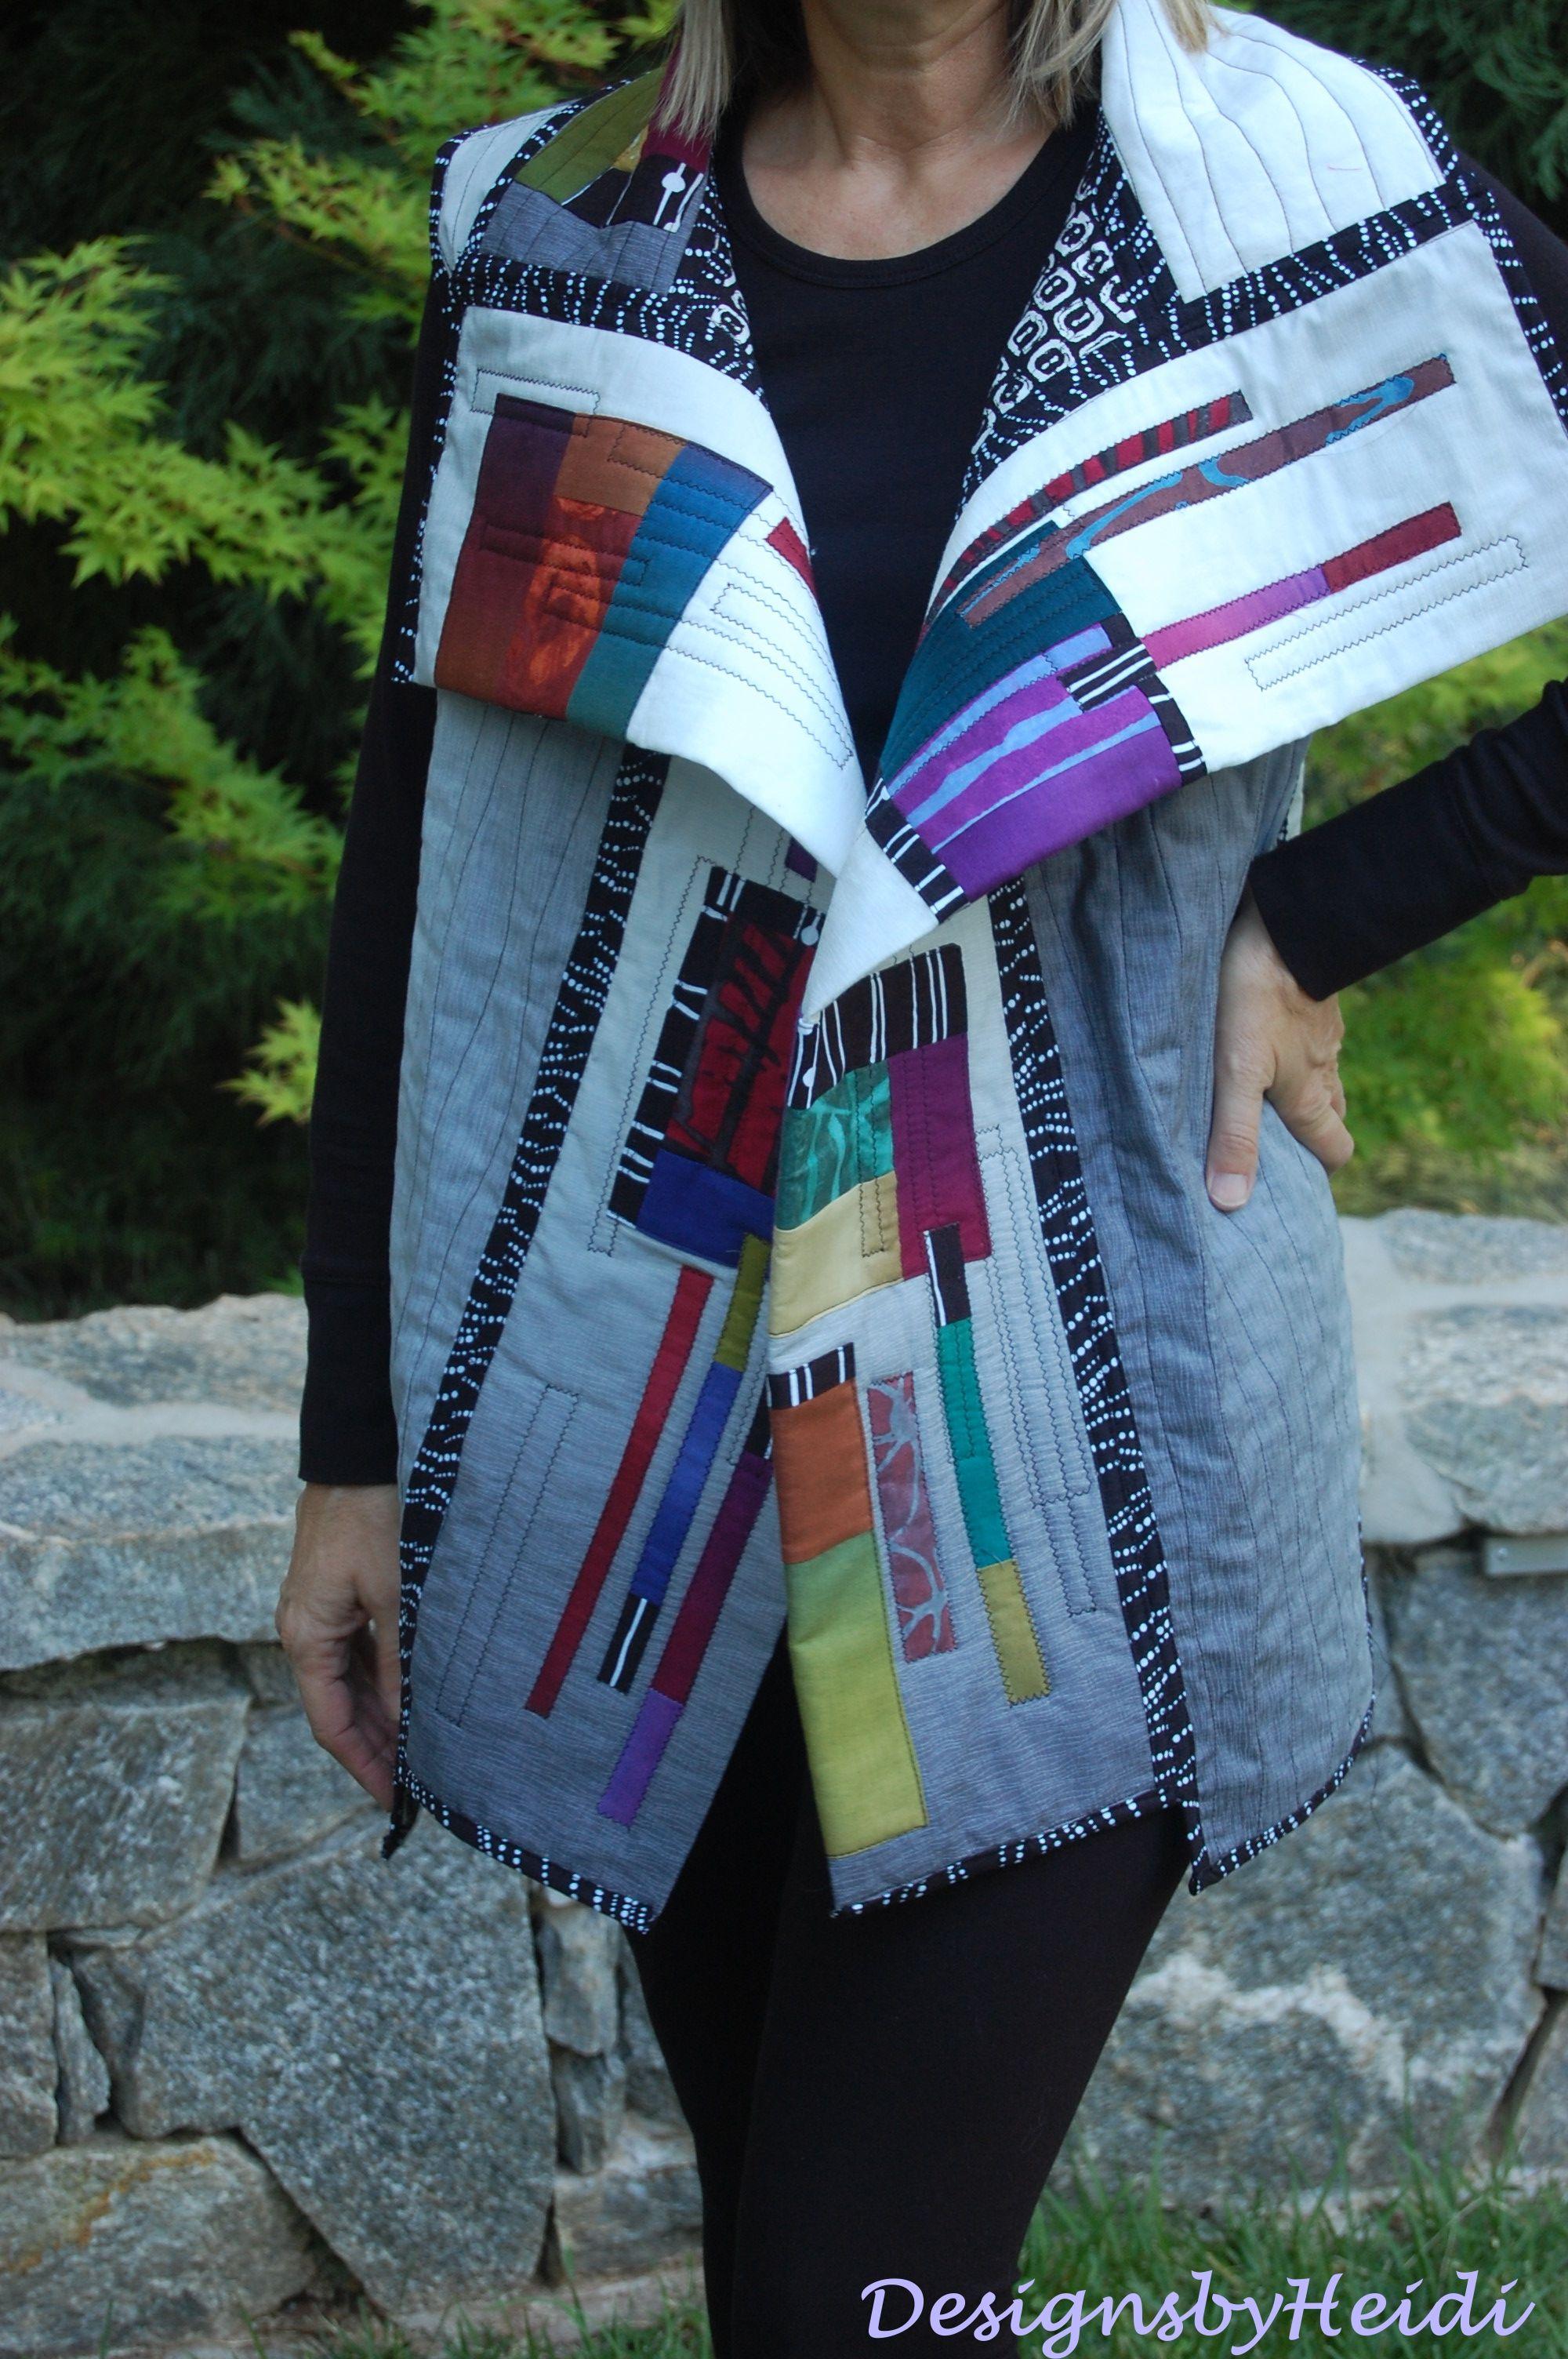 """My new vest, I call it, """"Off The Grid"""". http://designsbyheidi.wordpress.com/"""